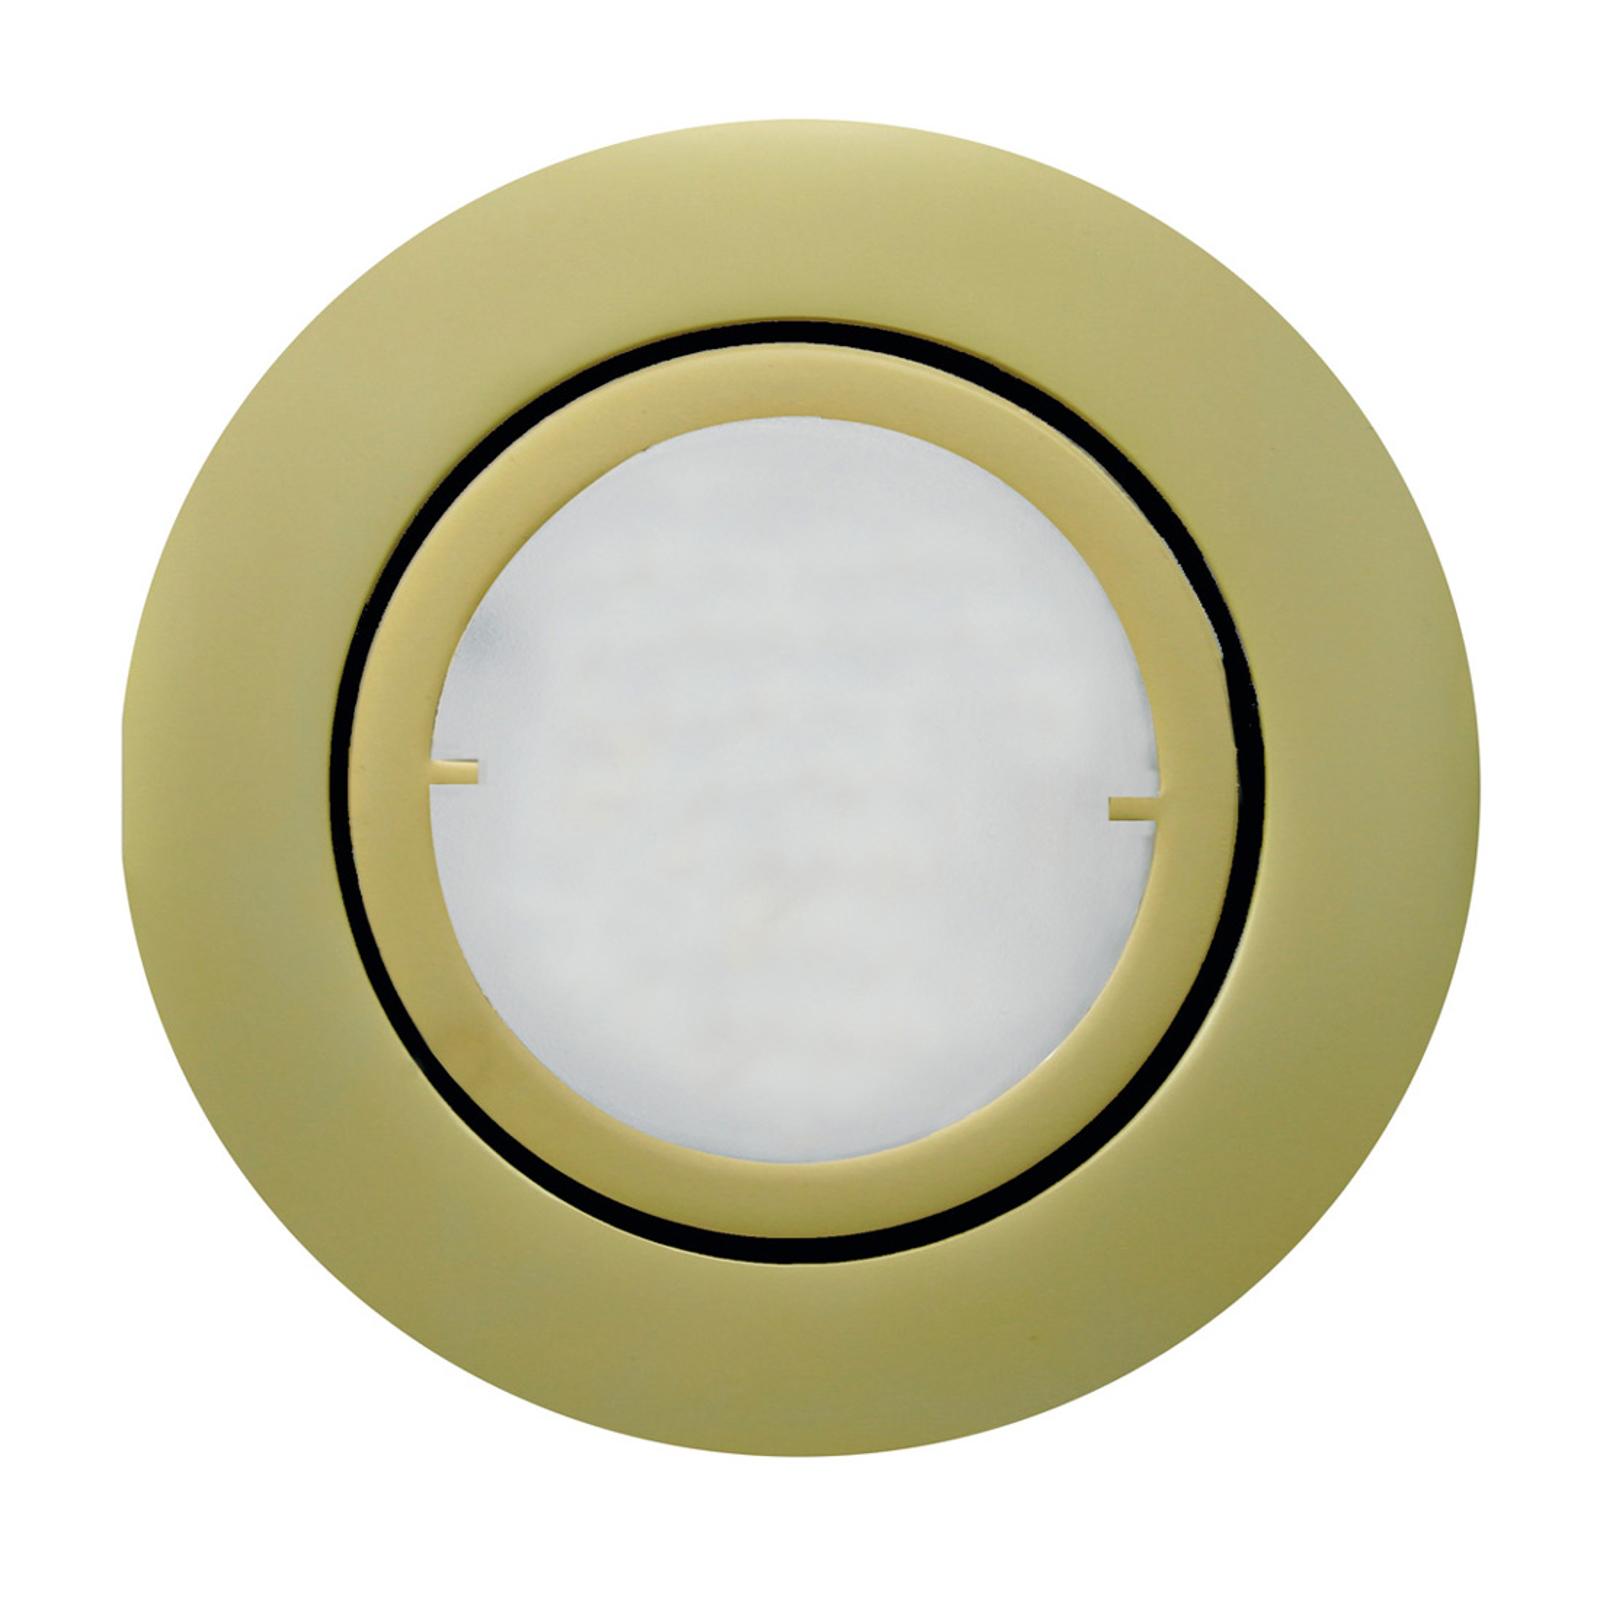 Zapustené LED svetlo Joanie v matnej zlatej